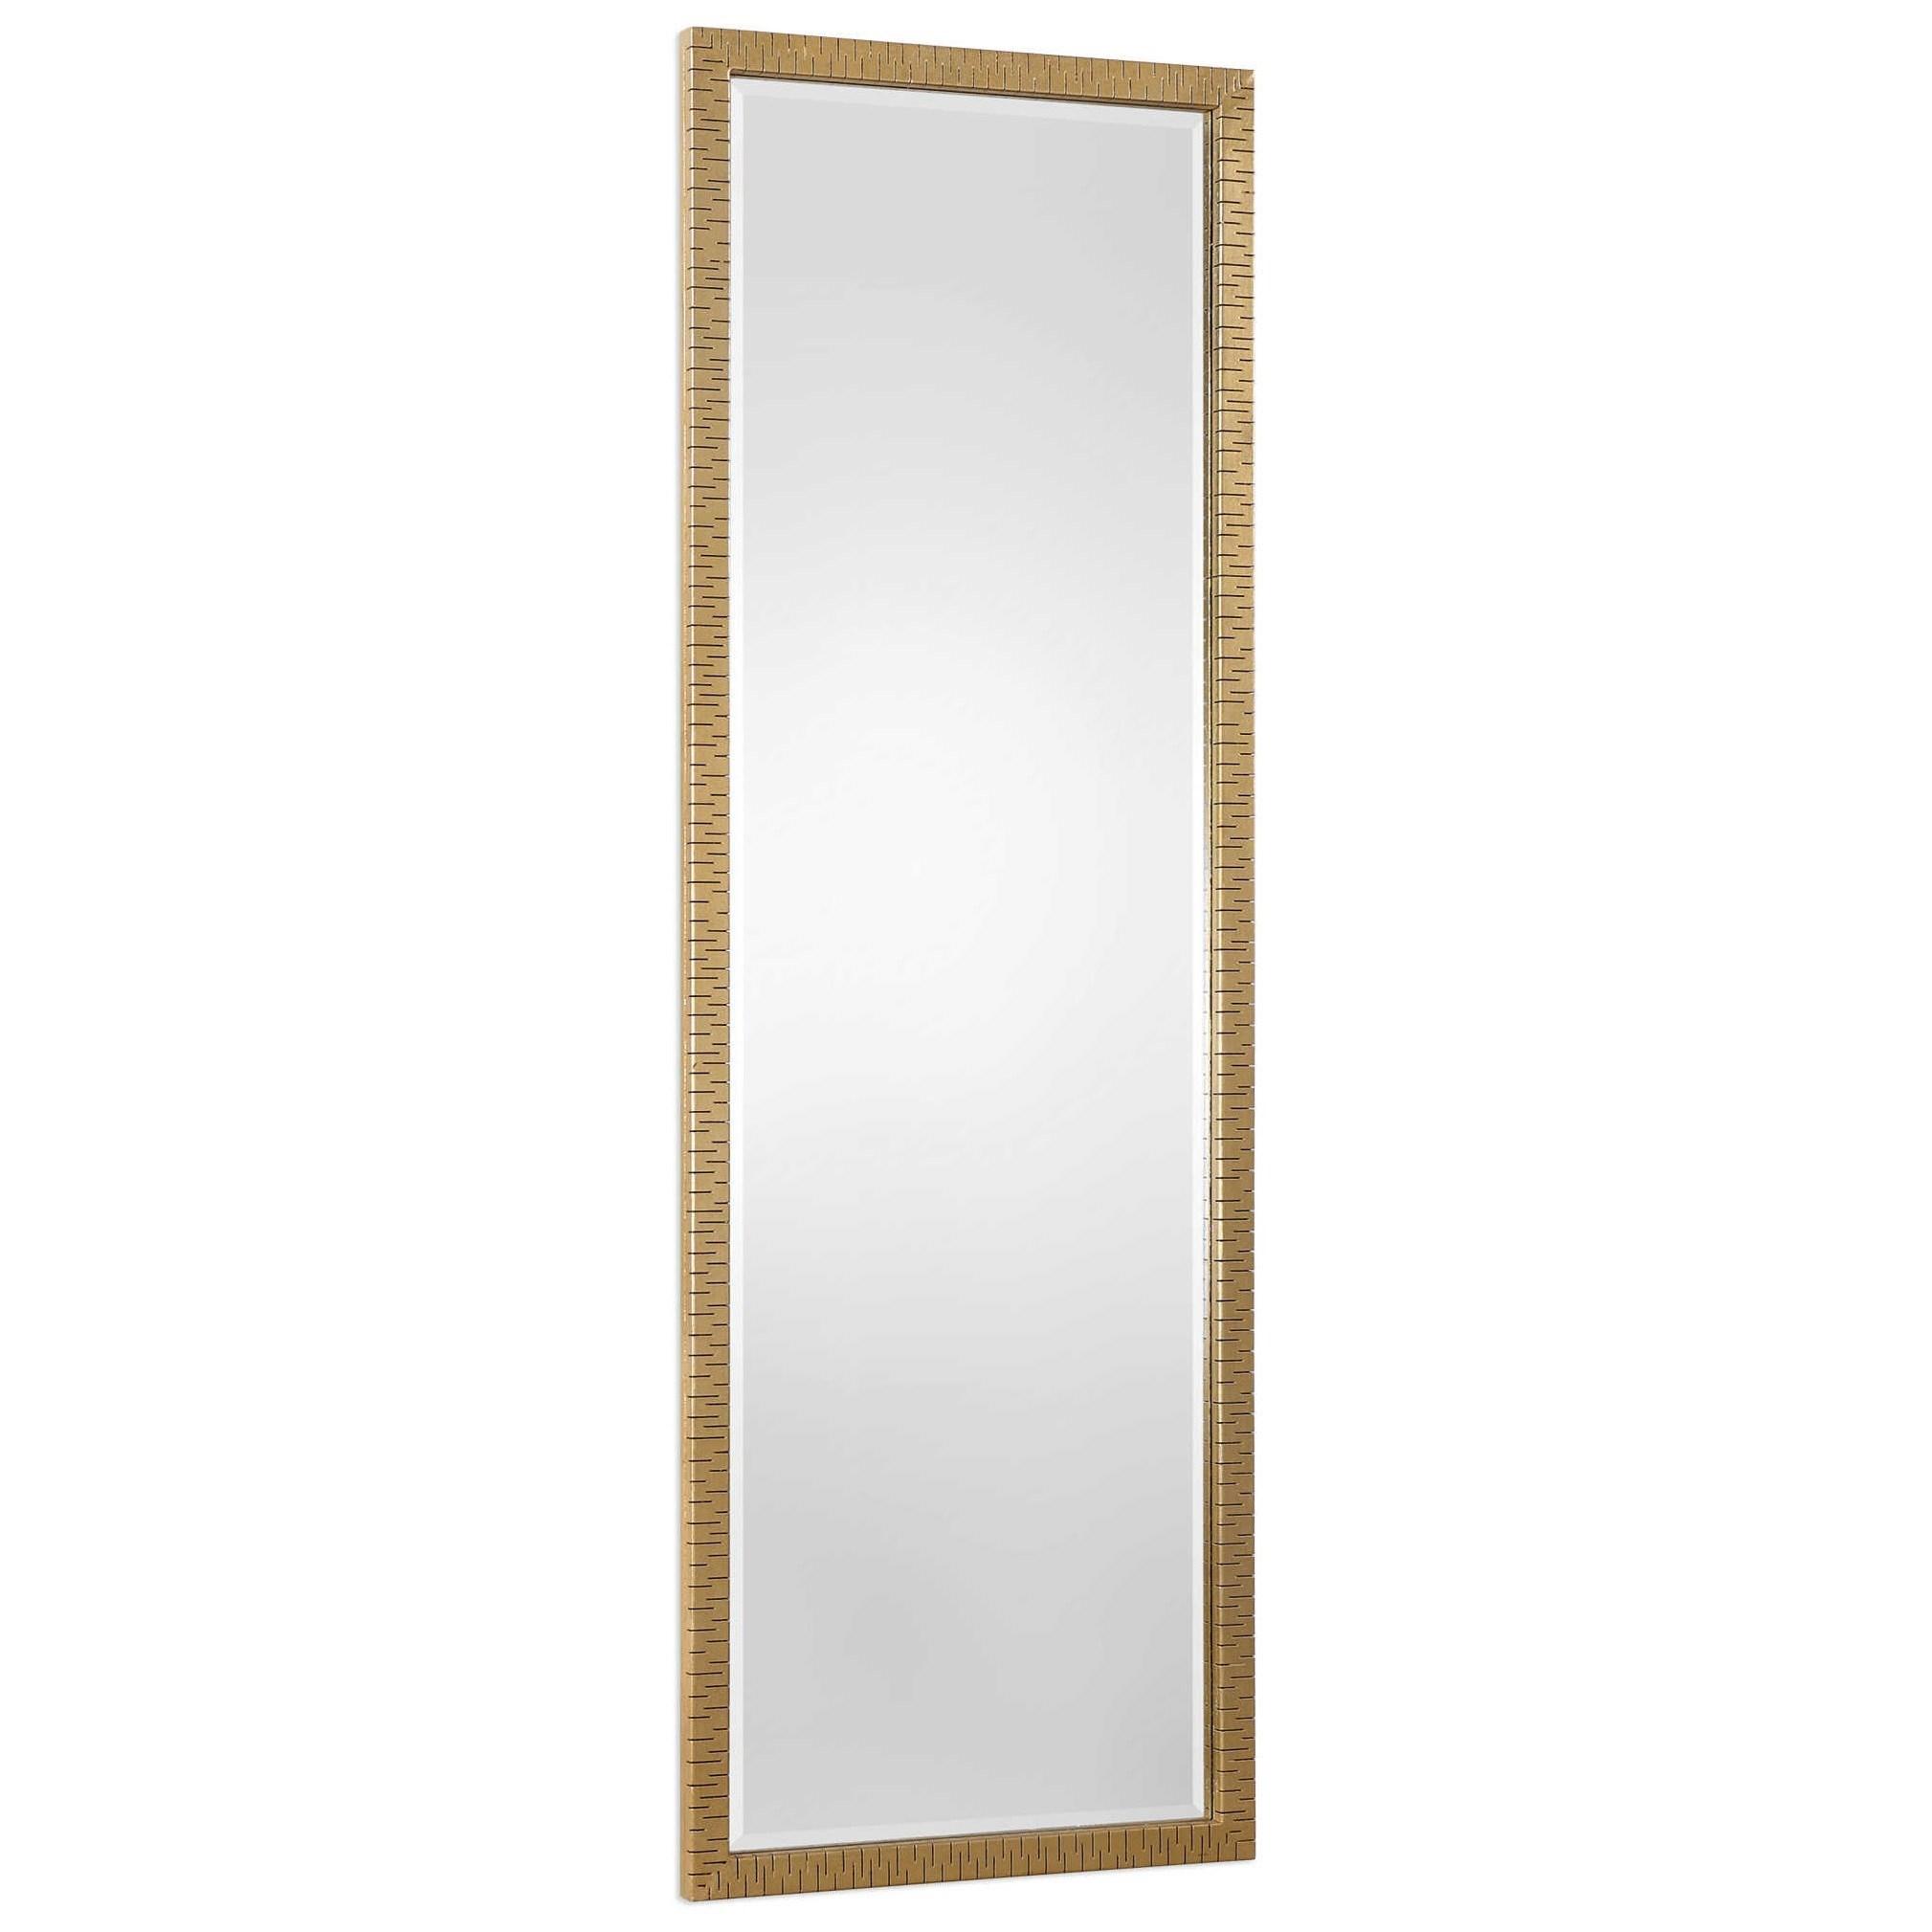 Mirrors Vilmos Metallic Gold Mirror By Uttermost